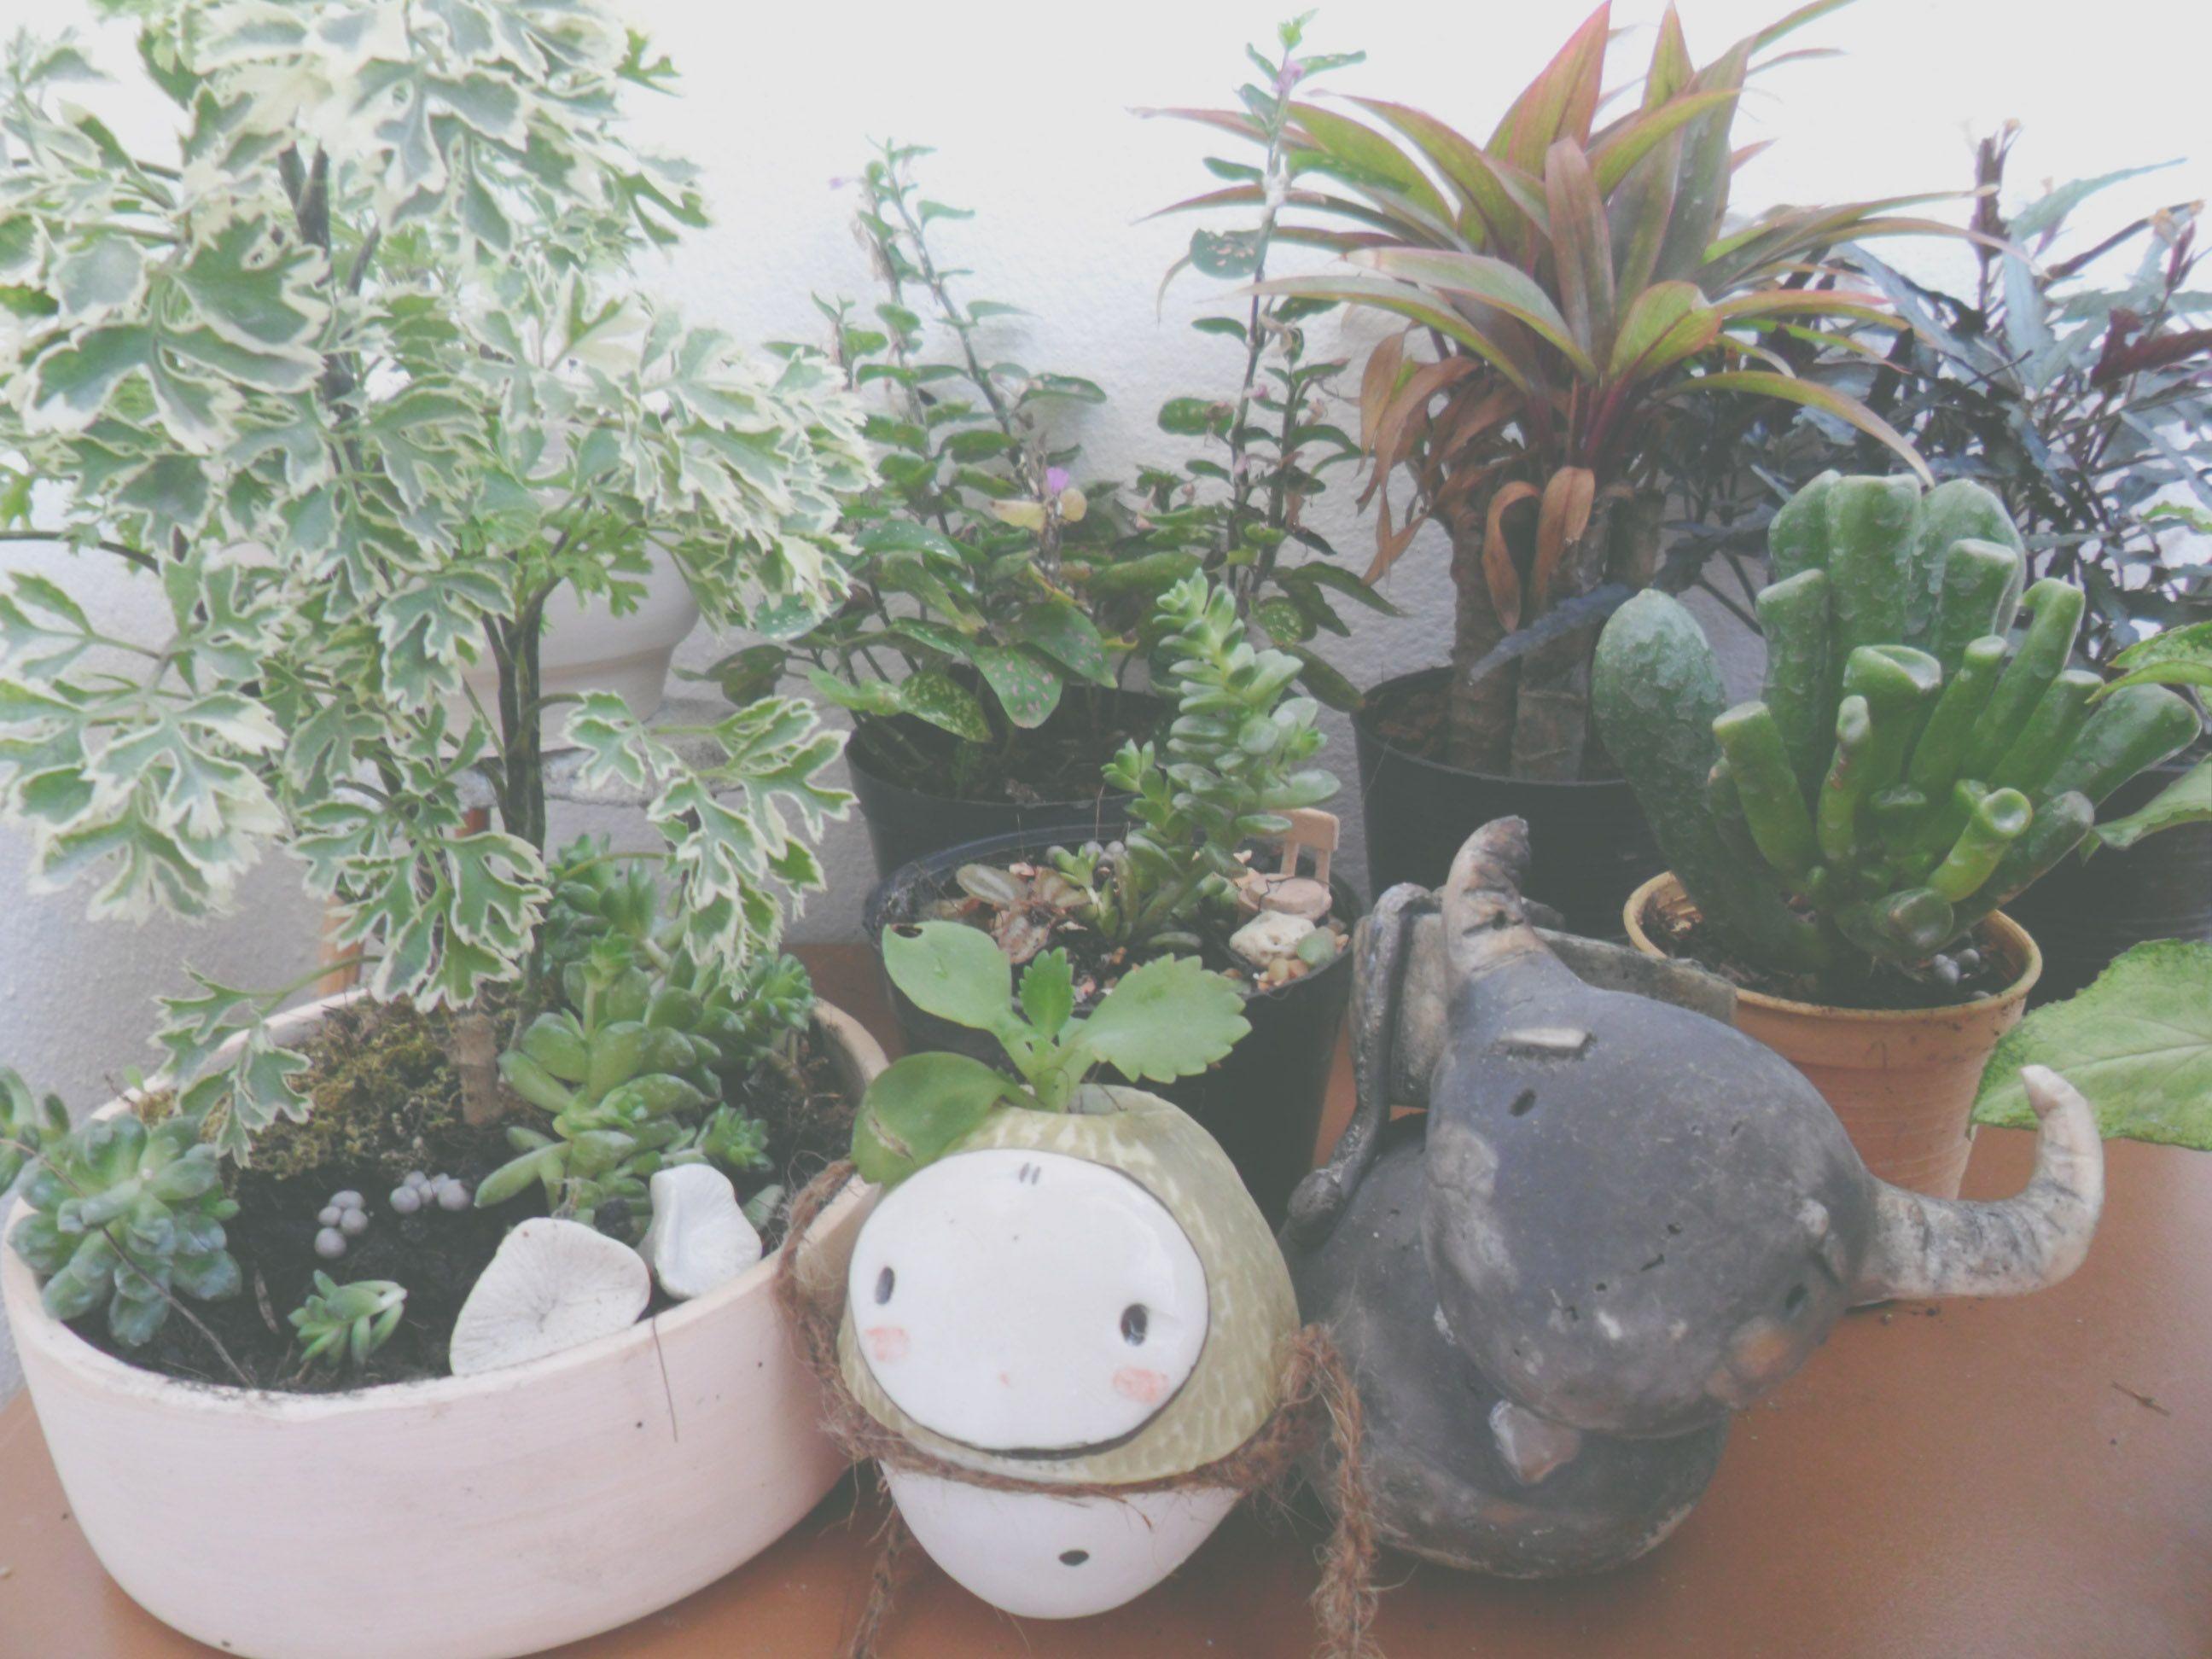 My Garden room